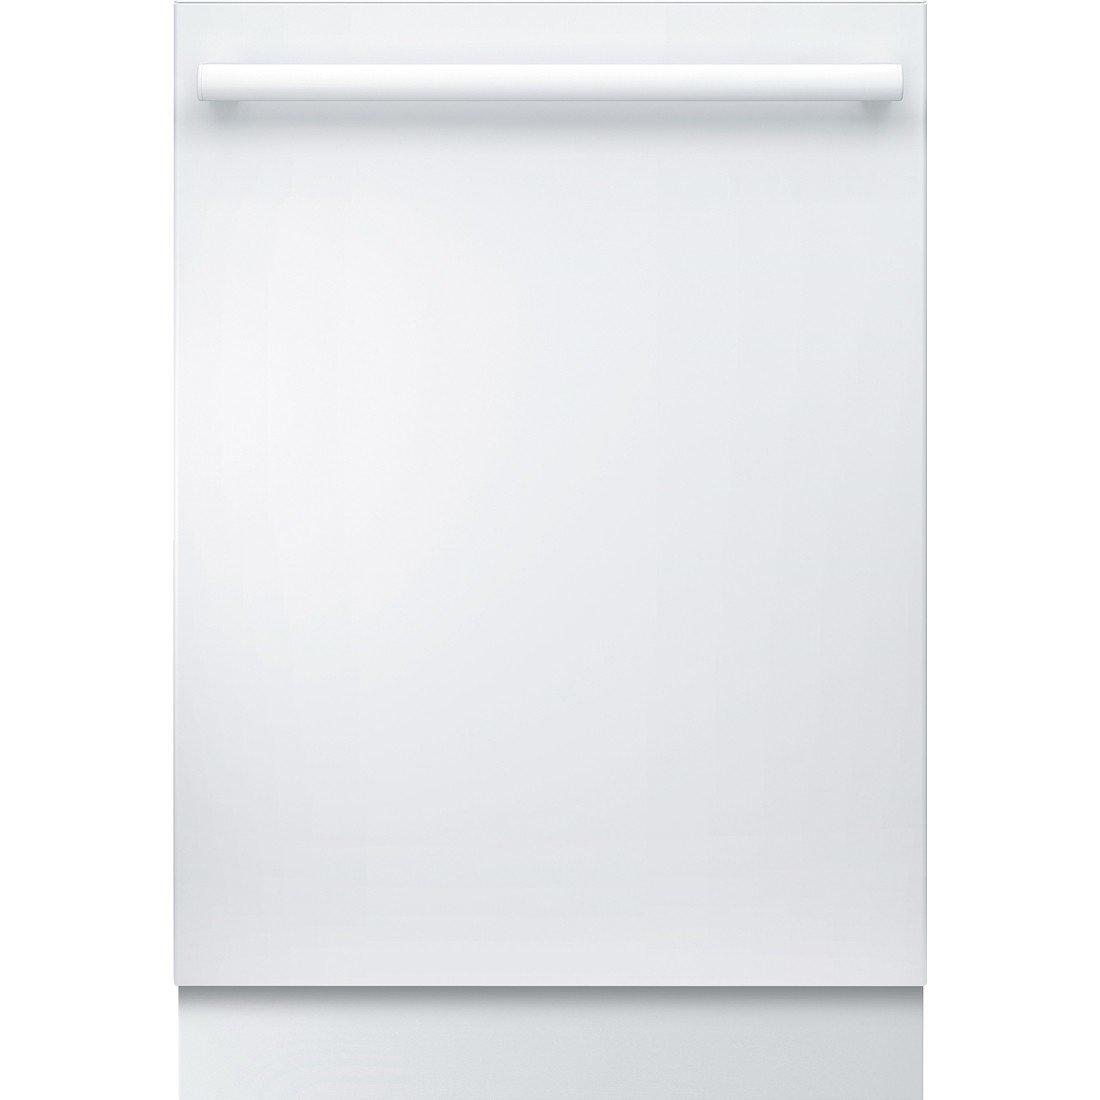 Bosch 24'' Ascenta Series White Built-In Dishwasher